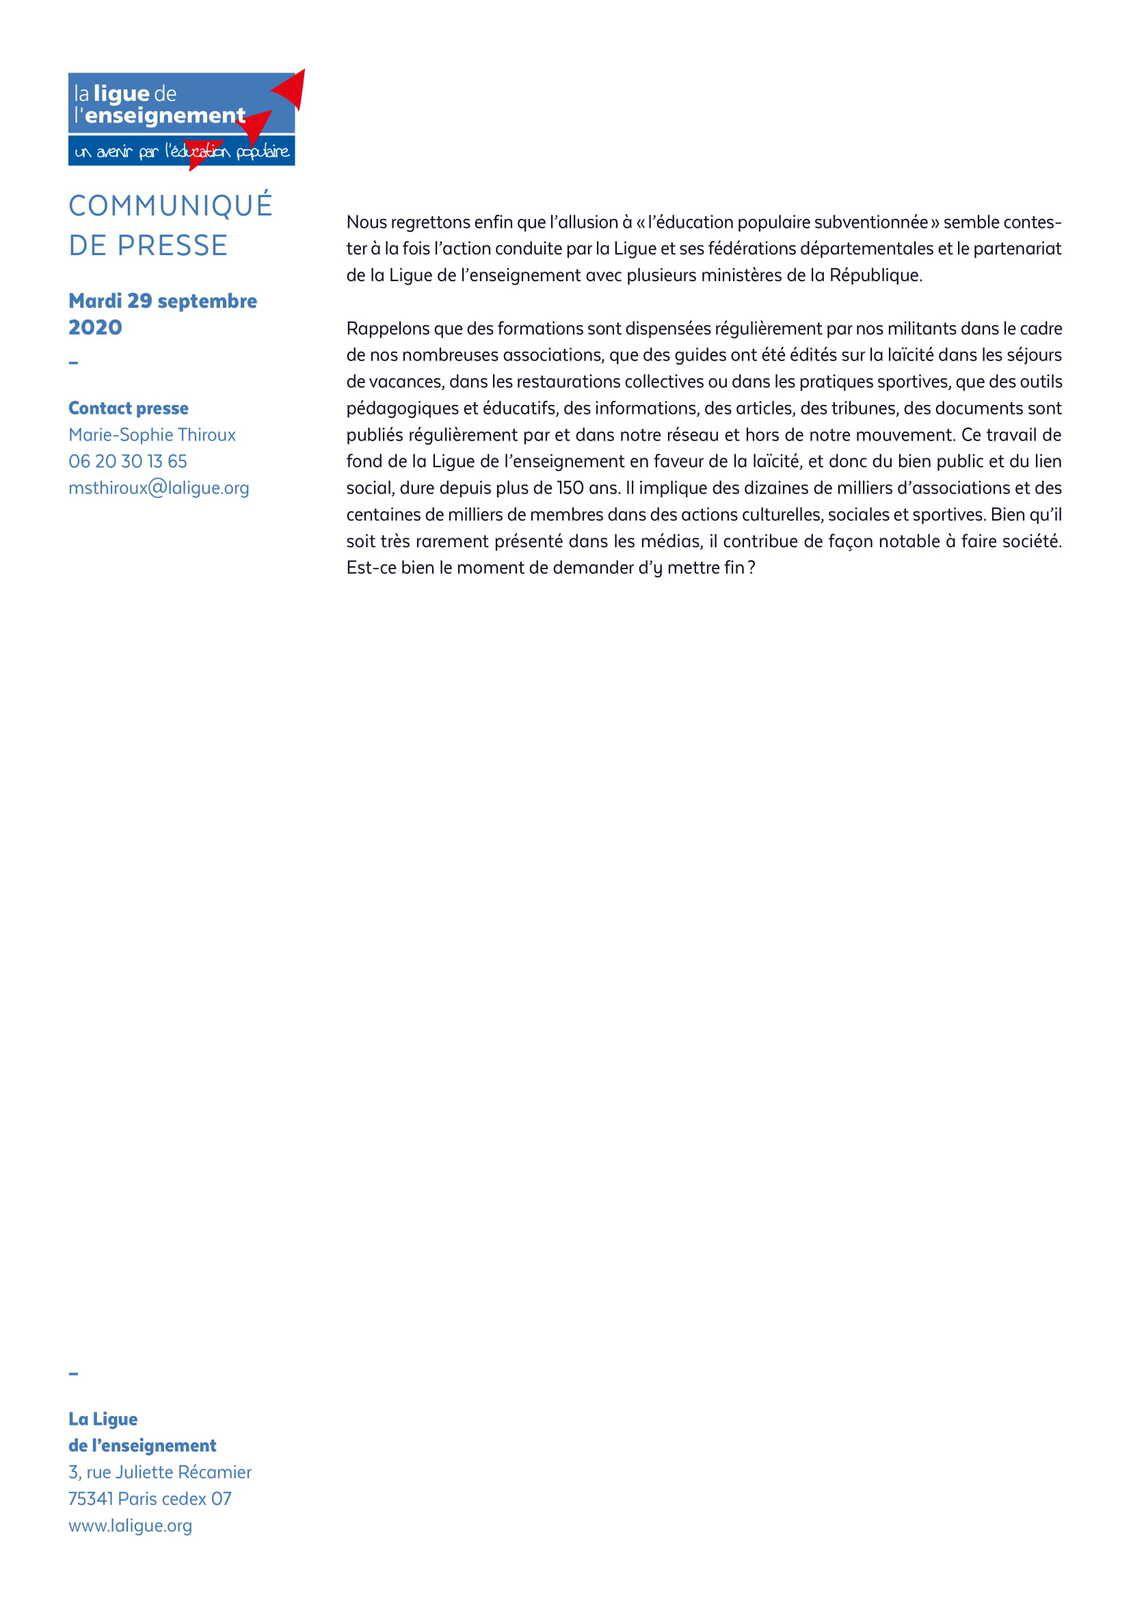 La Ligue de l'enseignement et l'islamophobie : une mise au point nécessaire